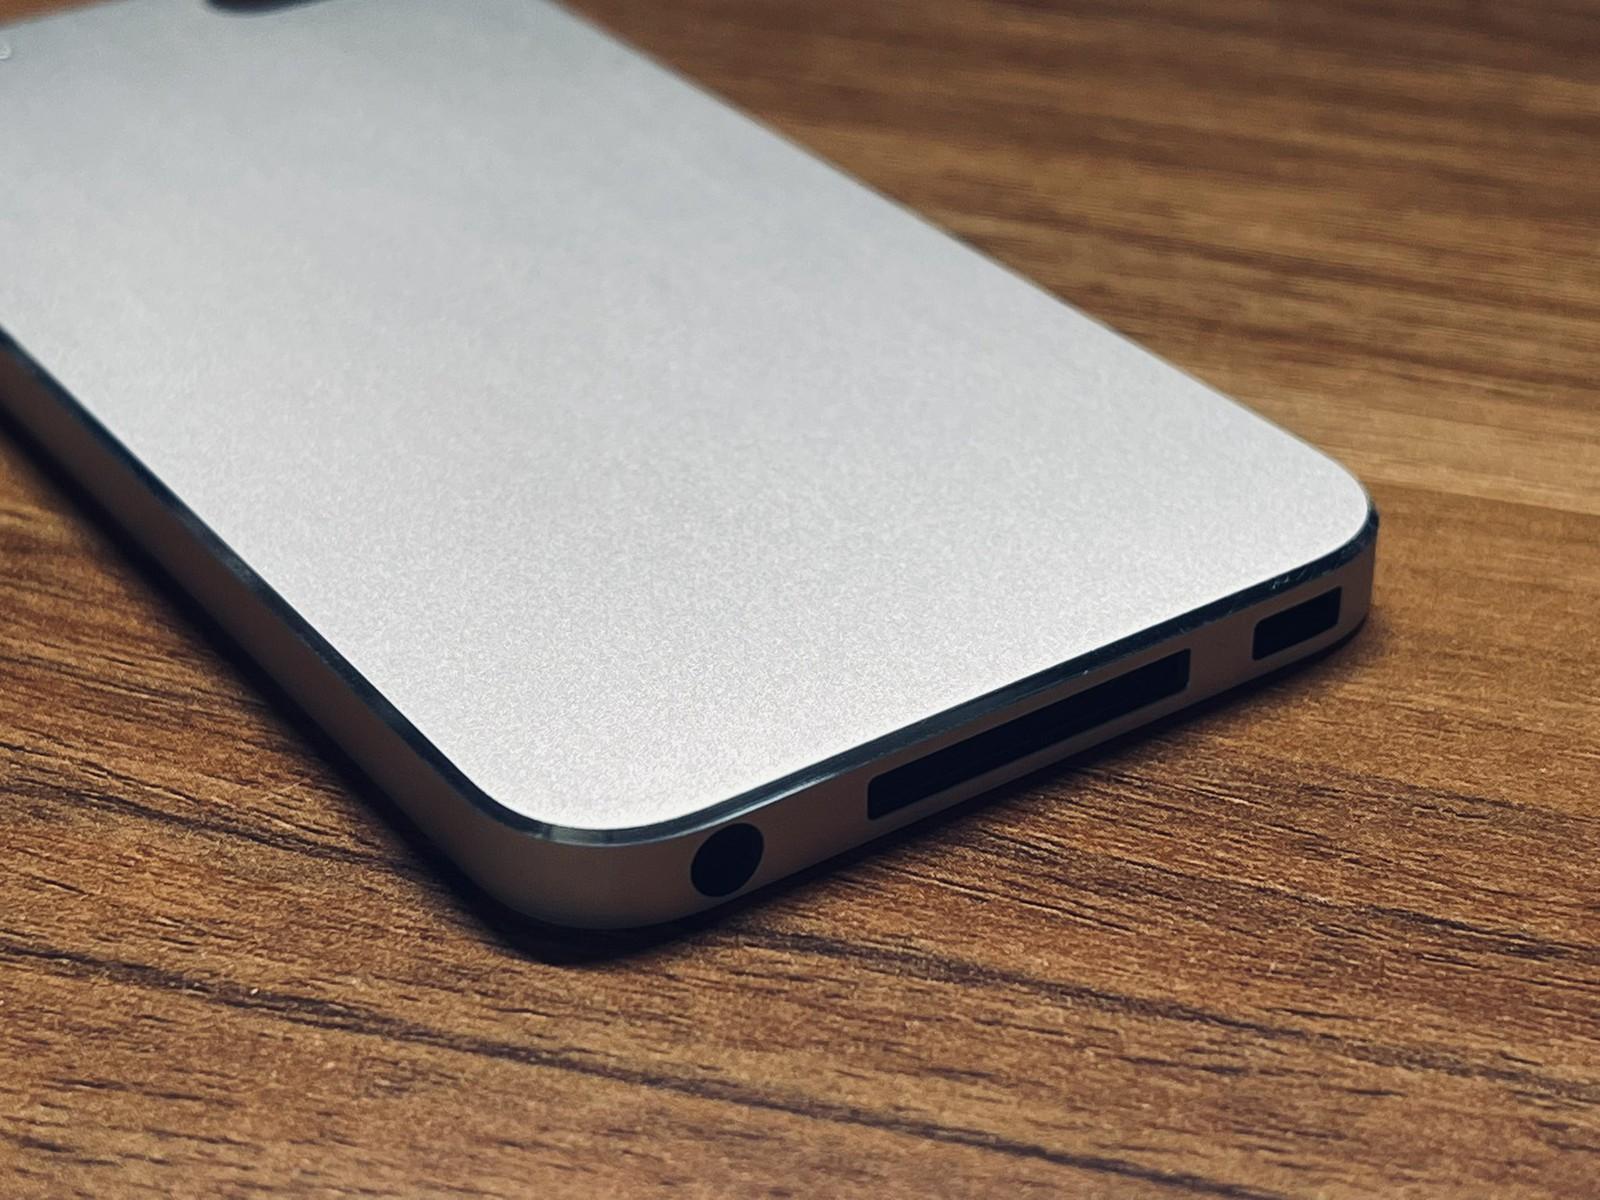 网友分享未发布的直角边 iPod Touch 原型机